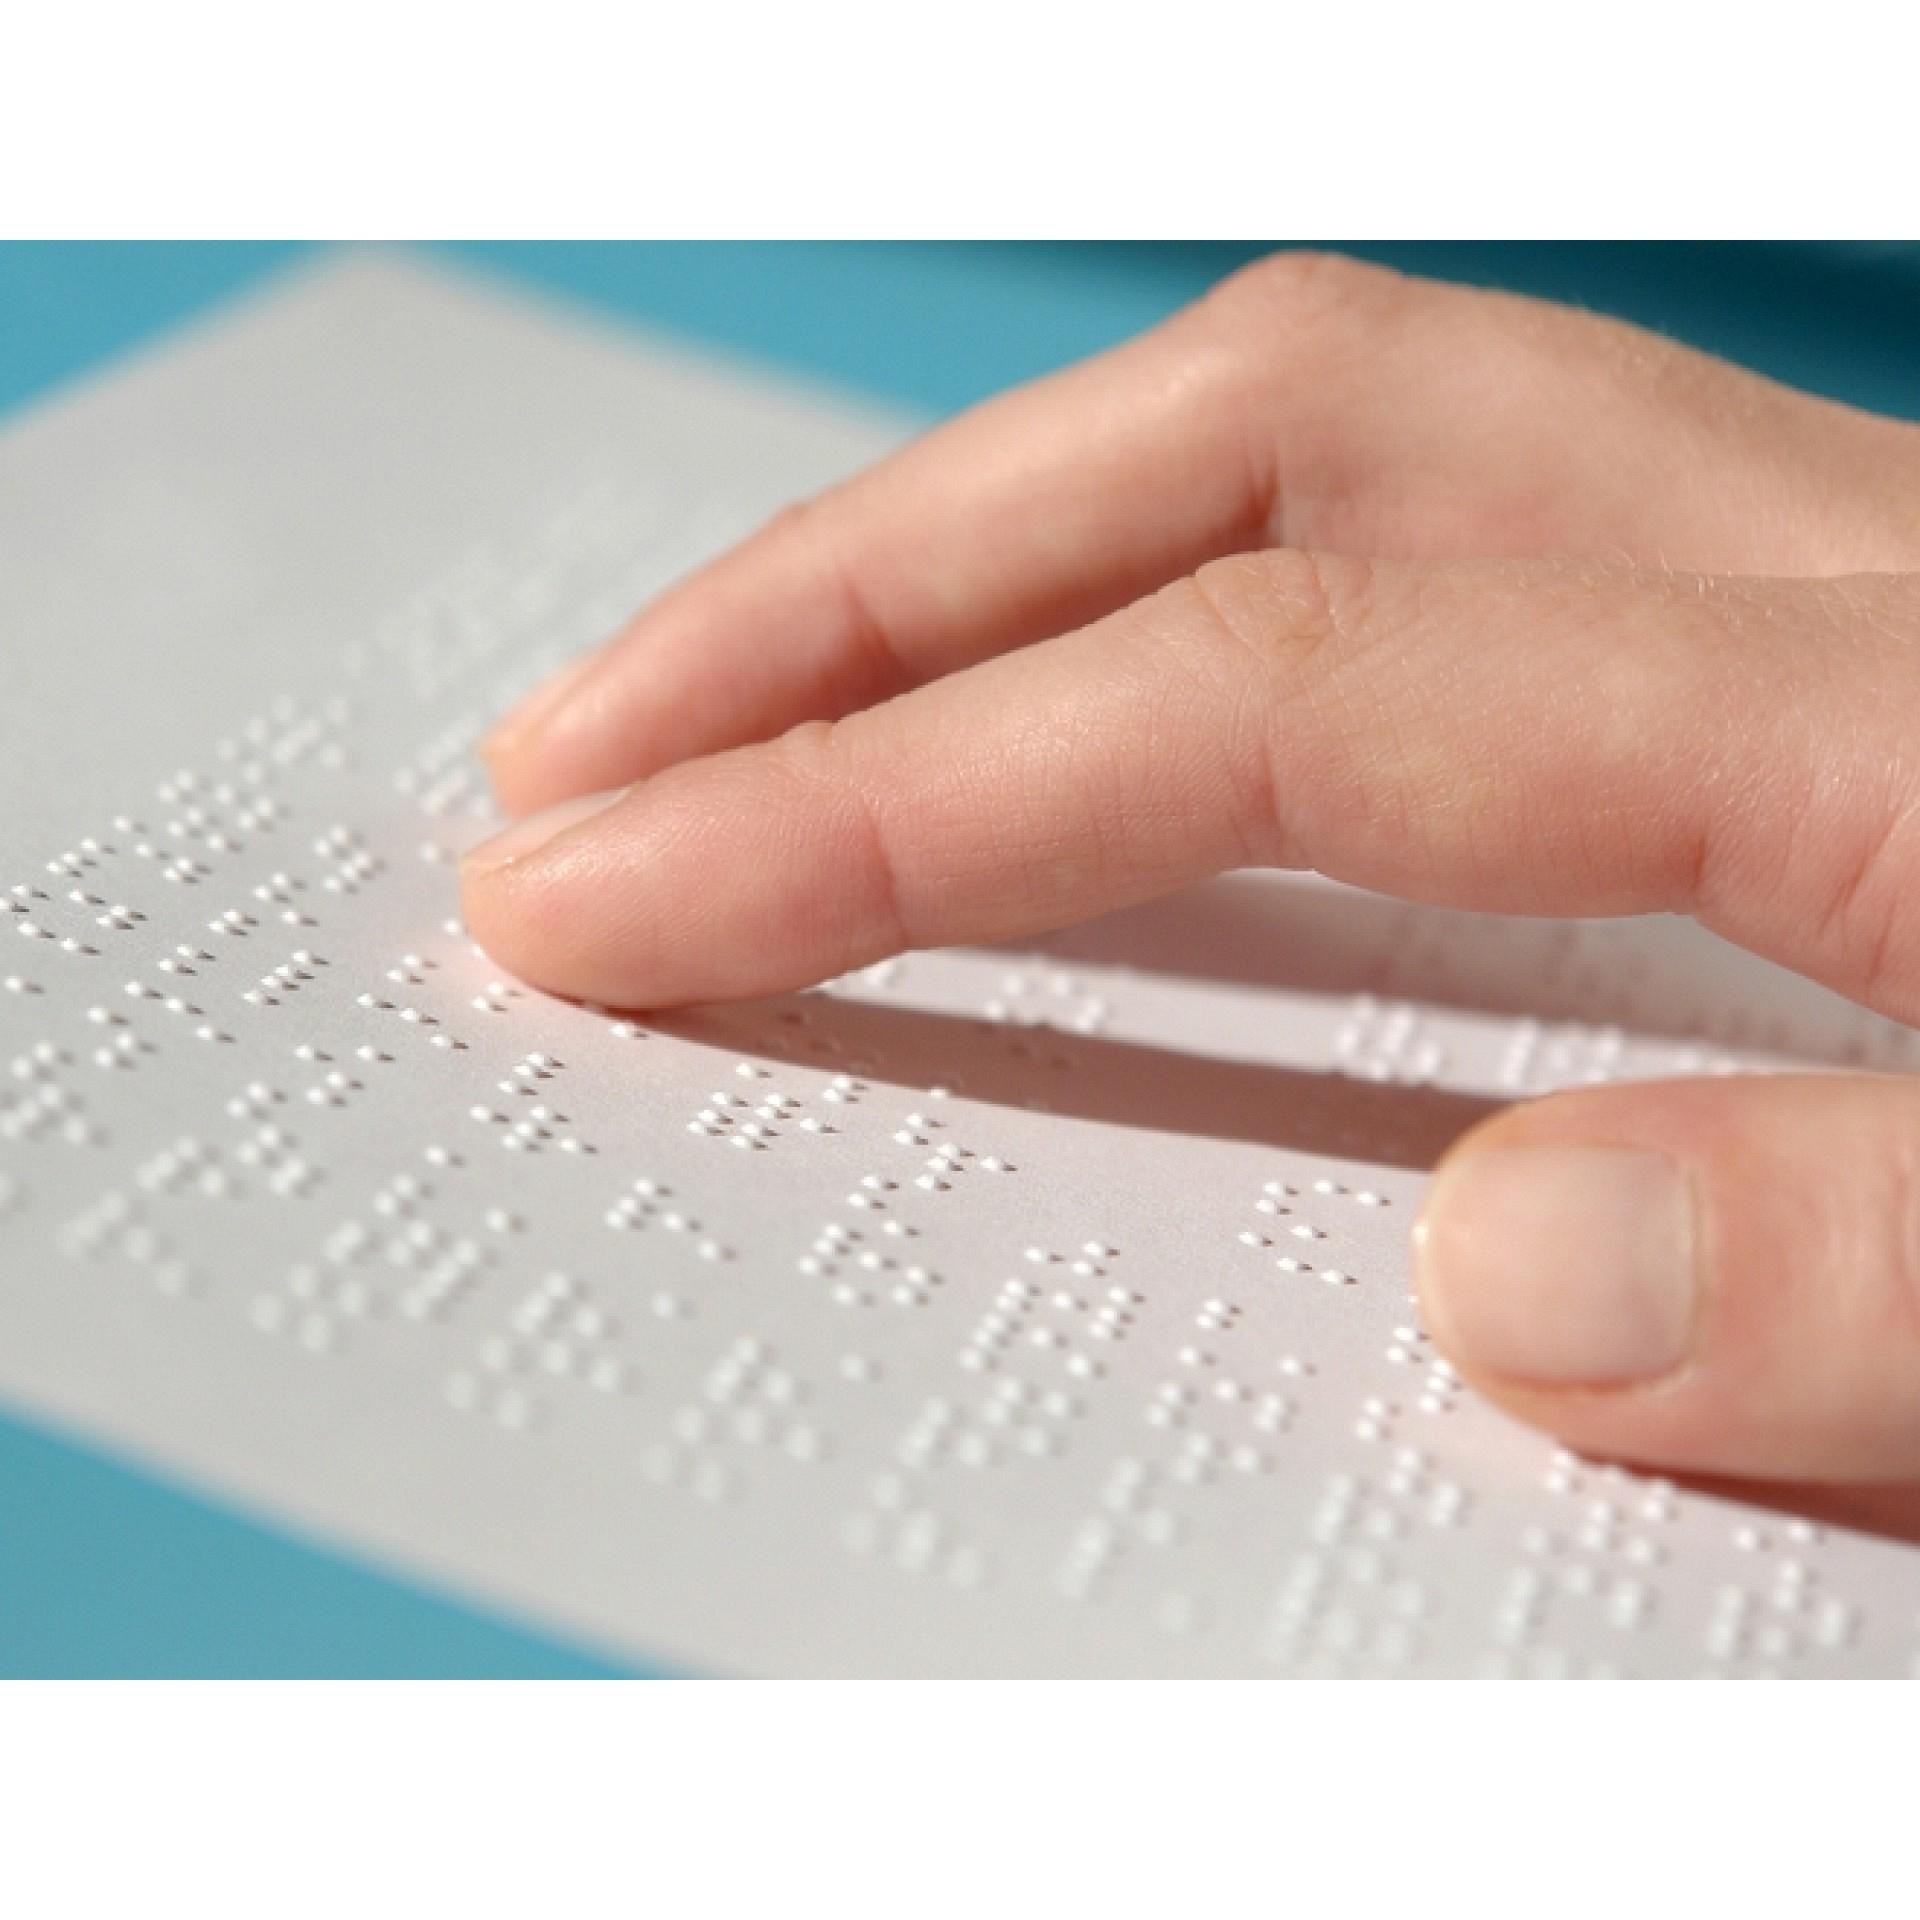 Бумага для печати рельефно-точечным шрифтом Брайля А4 (250 листов)